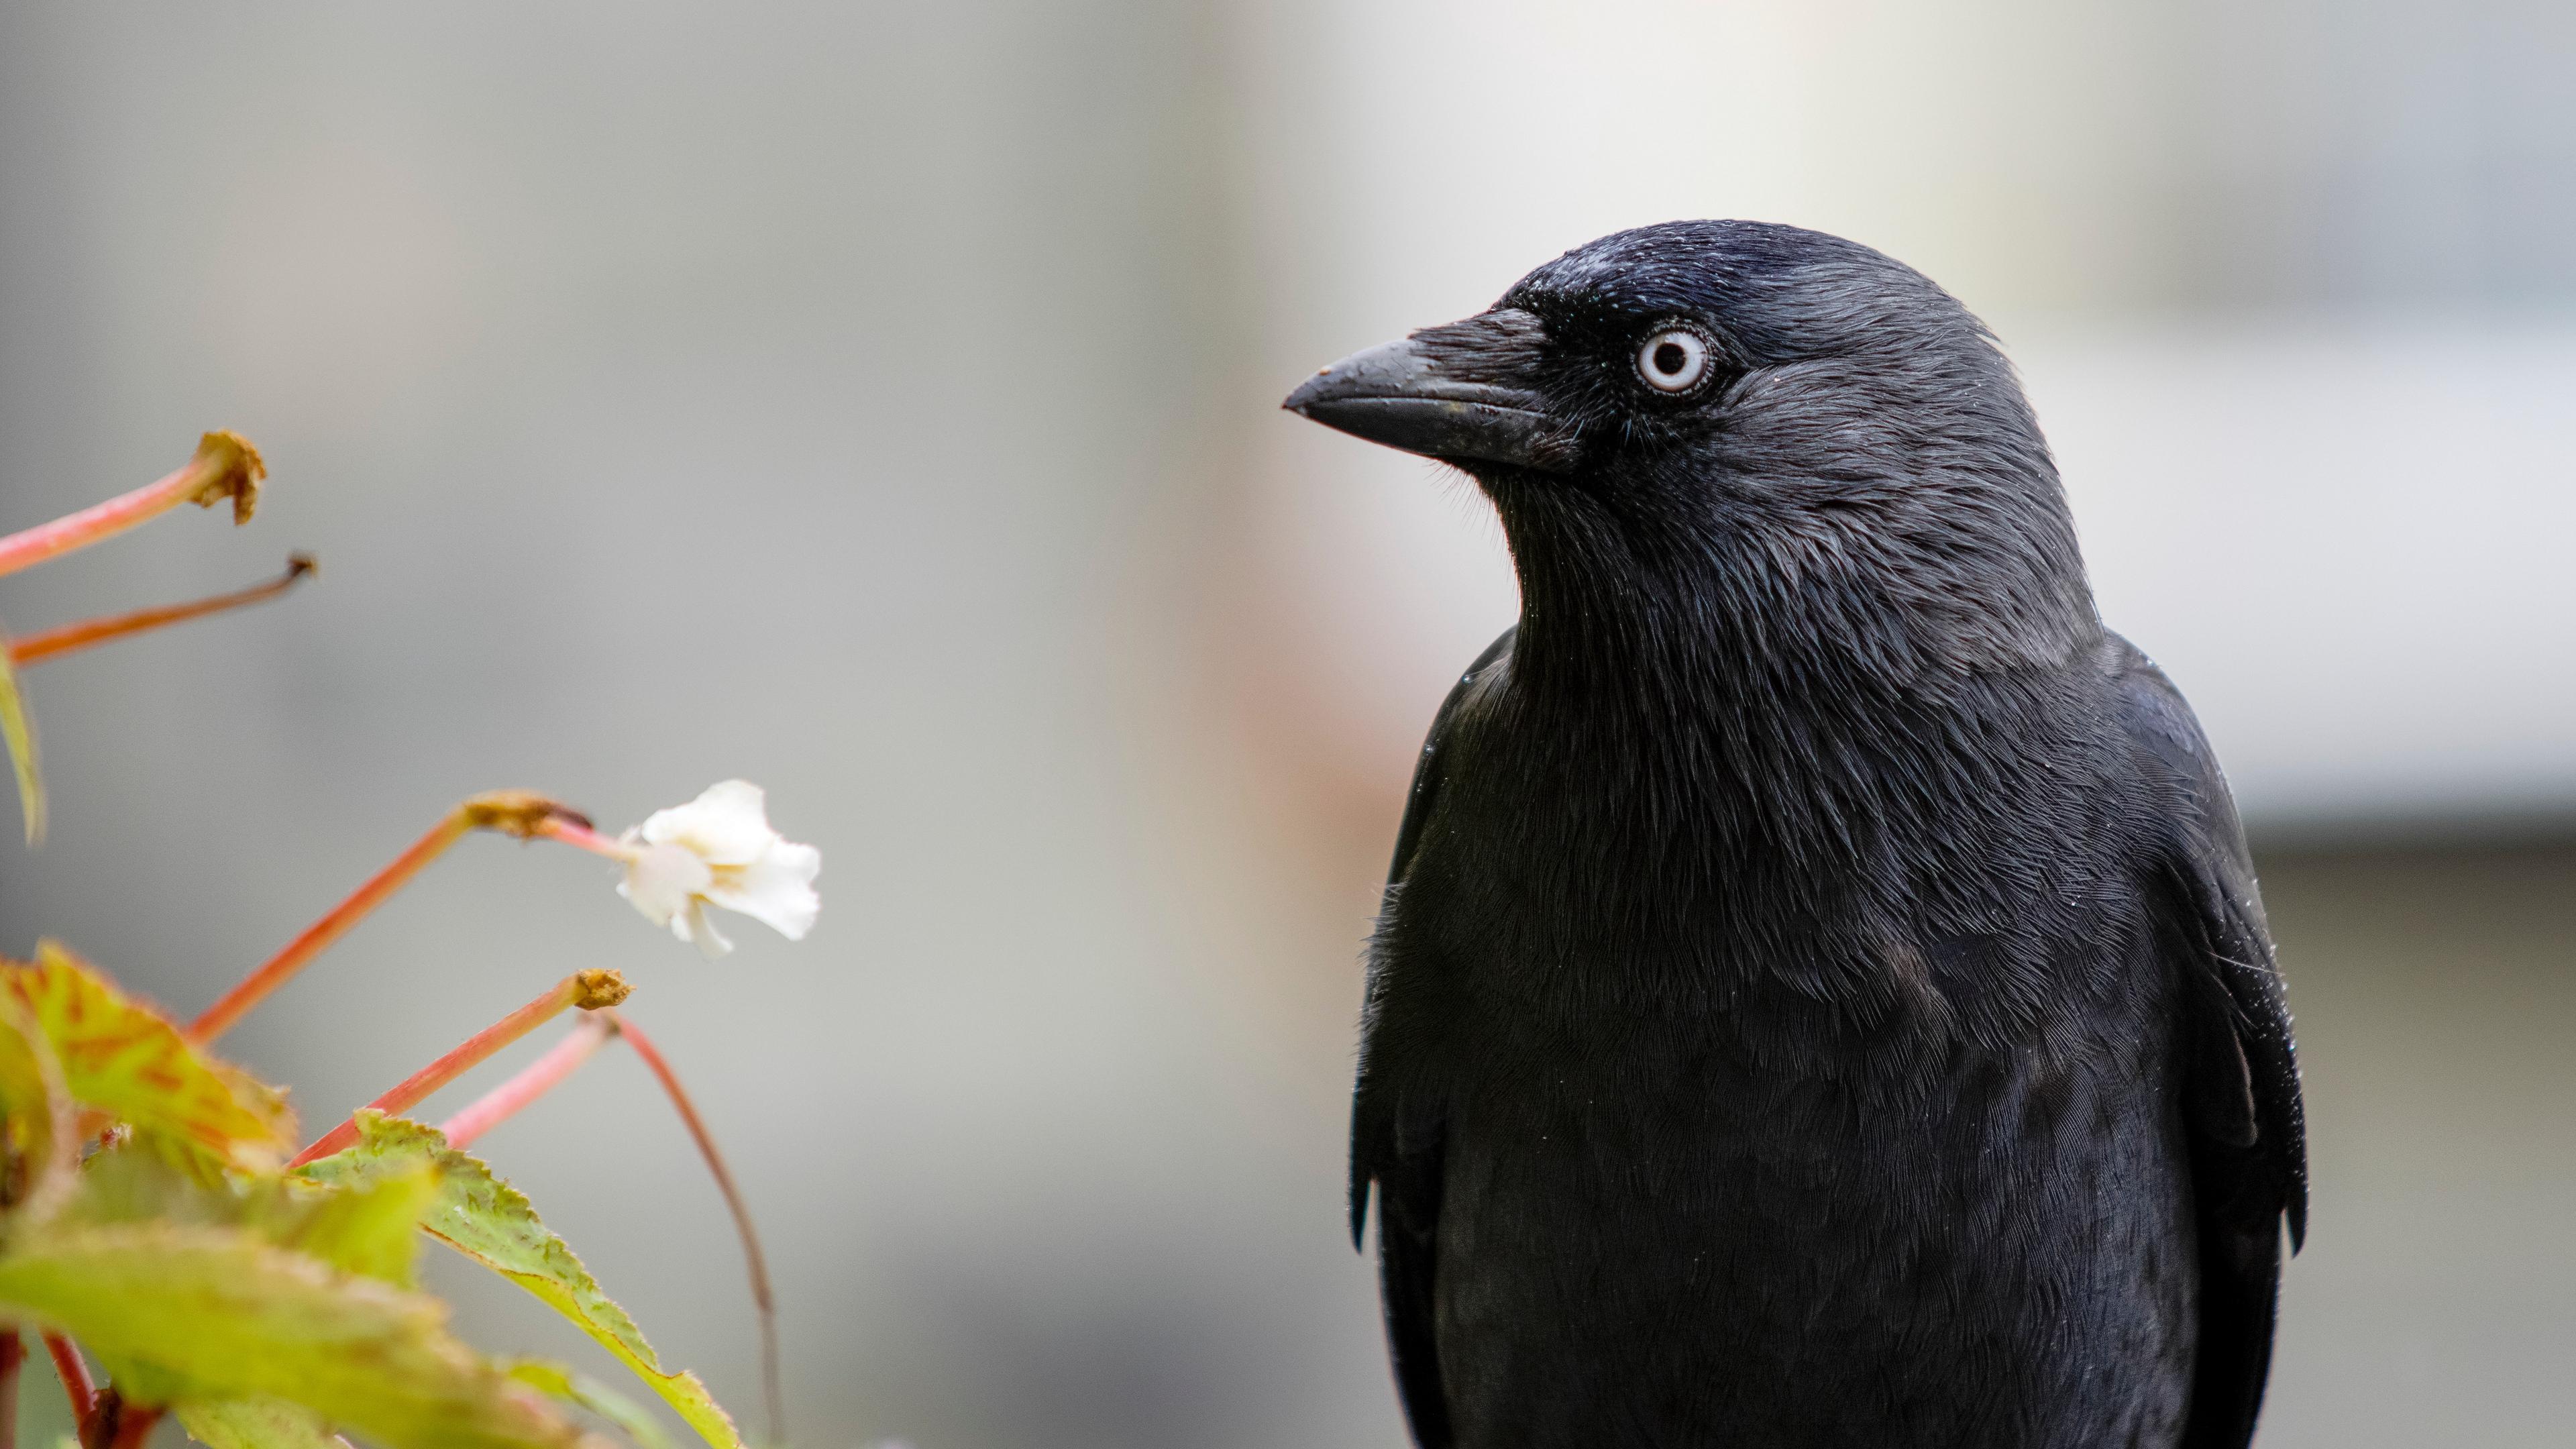 raven bird black 4k 1542242151 - raven, bird, black 4k - Raven, Black, Bird